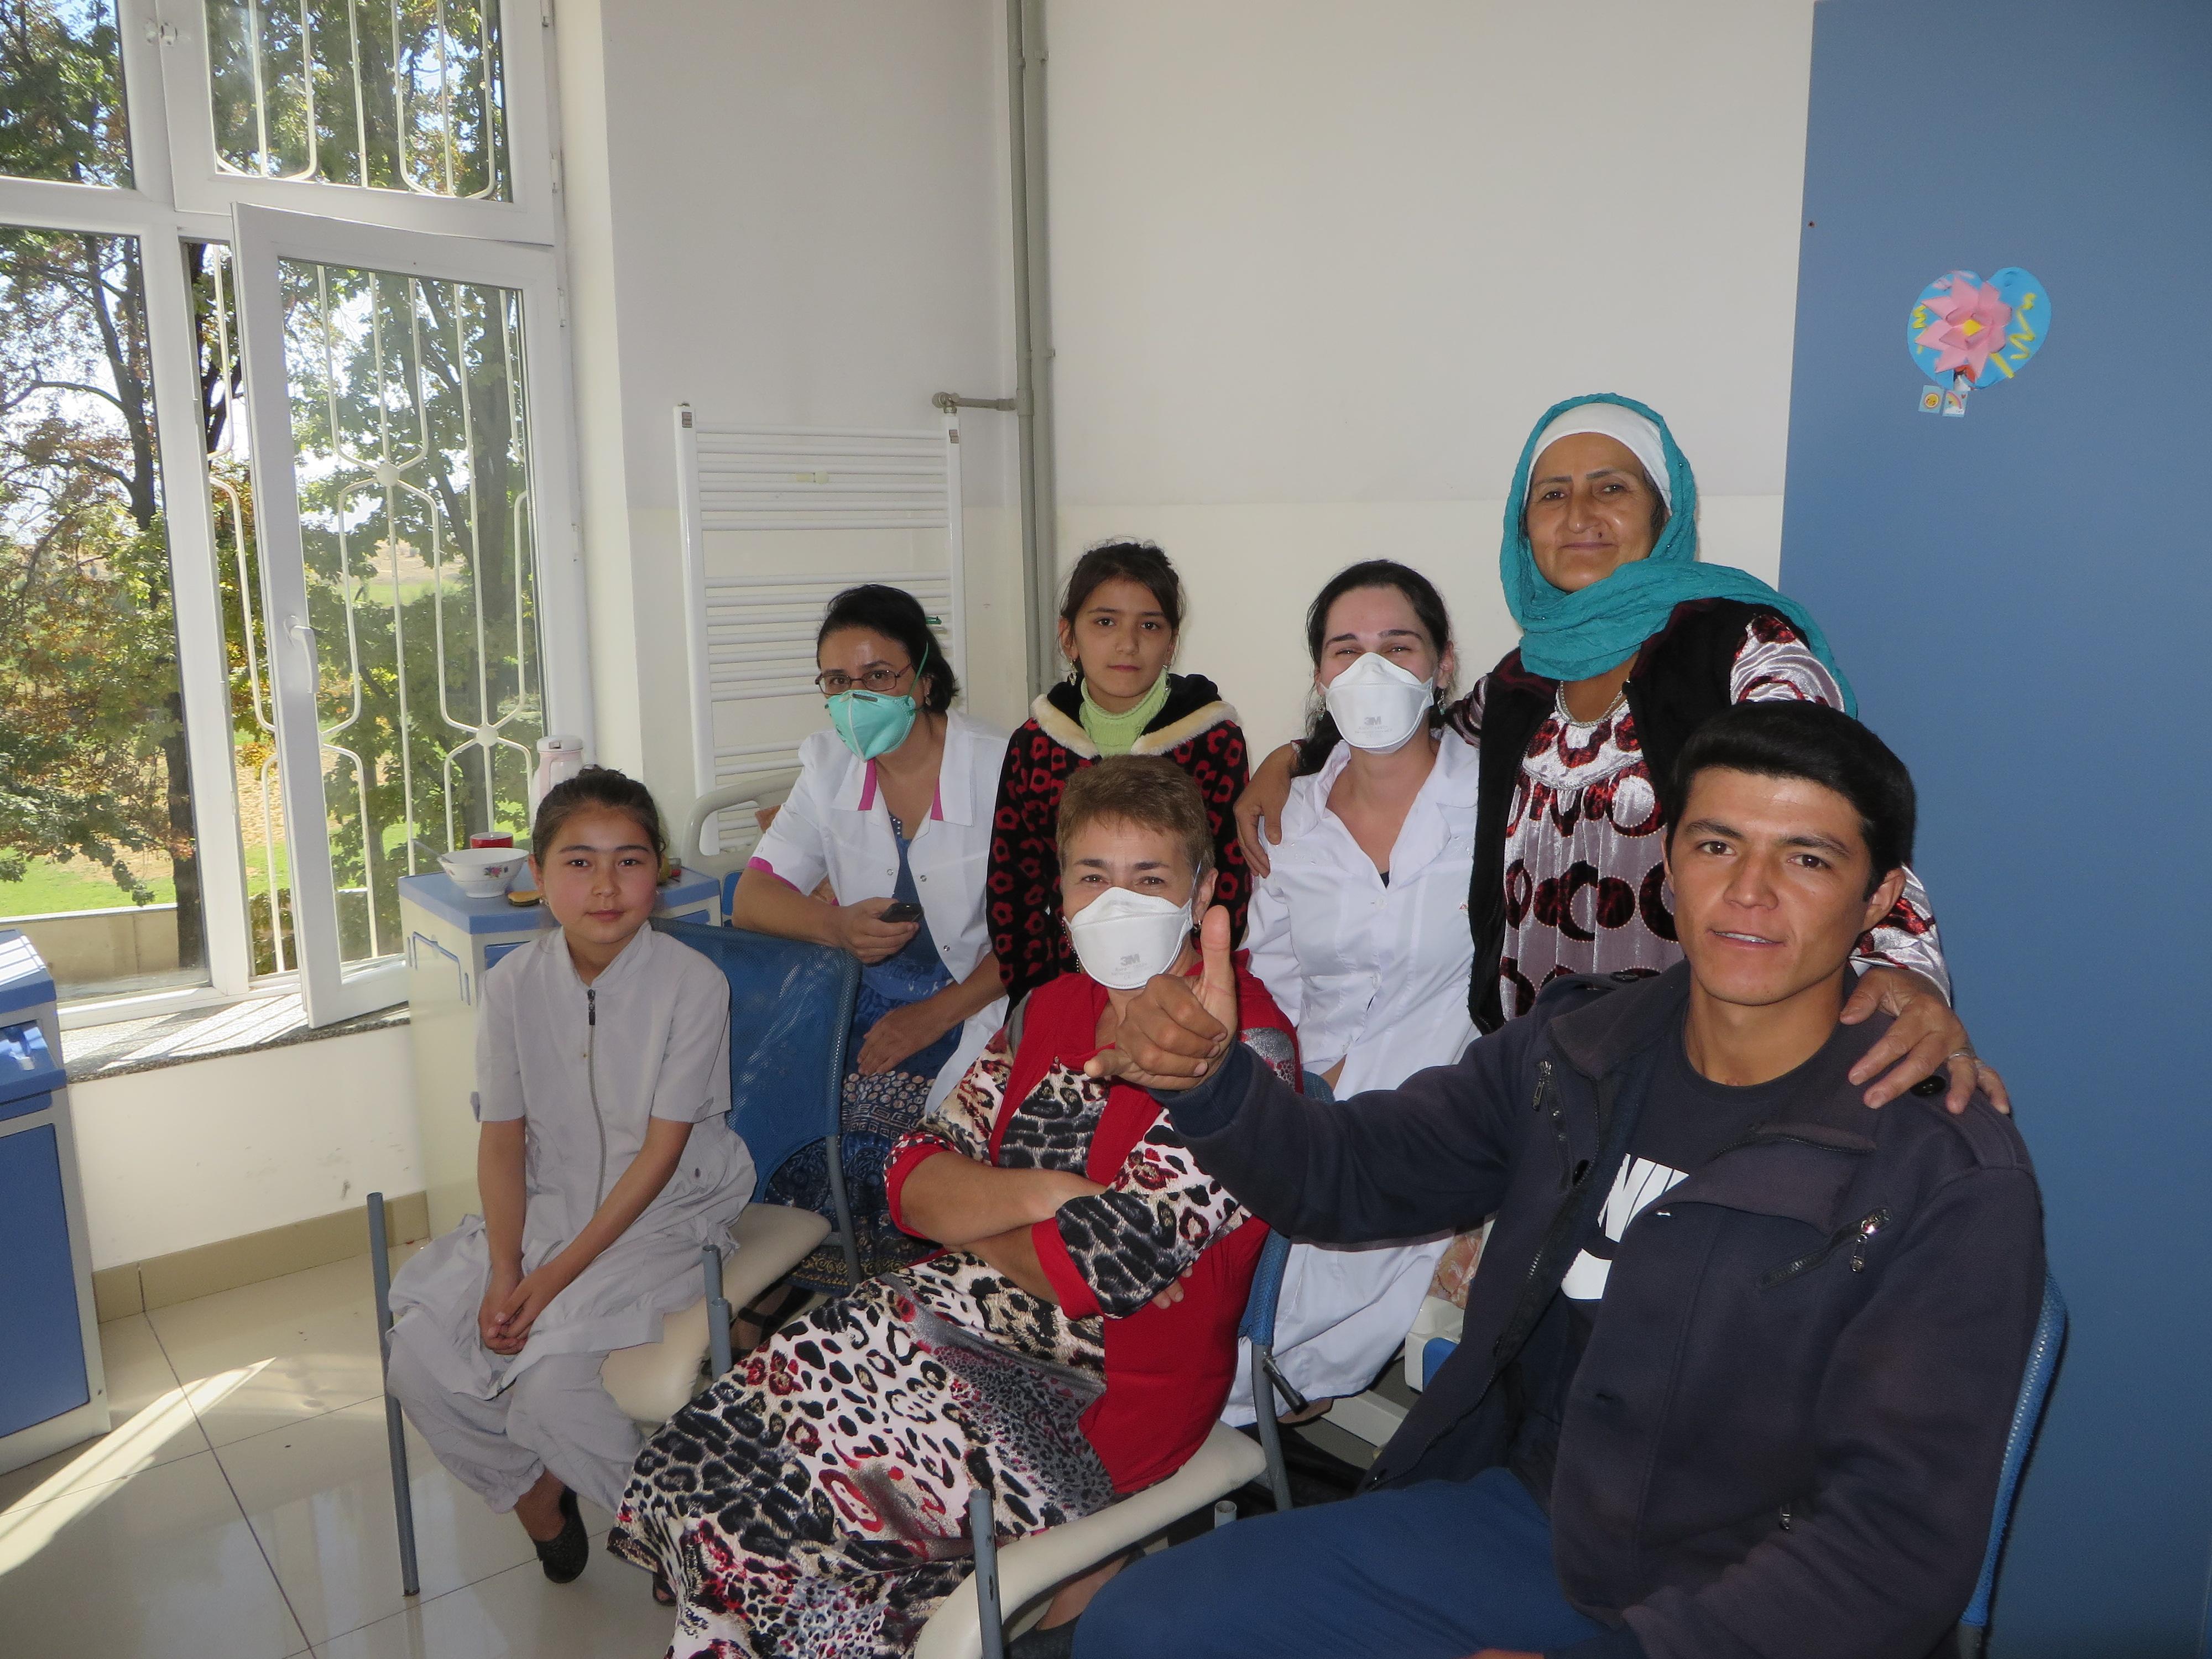 Tadjiquistão: o fardo da tuberculose para crianças e adolescentes